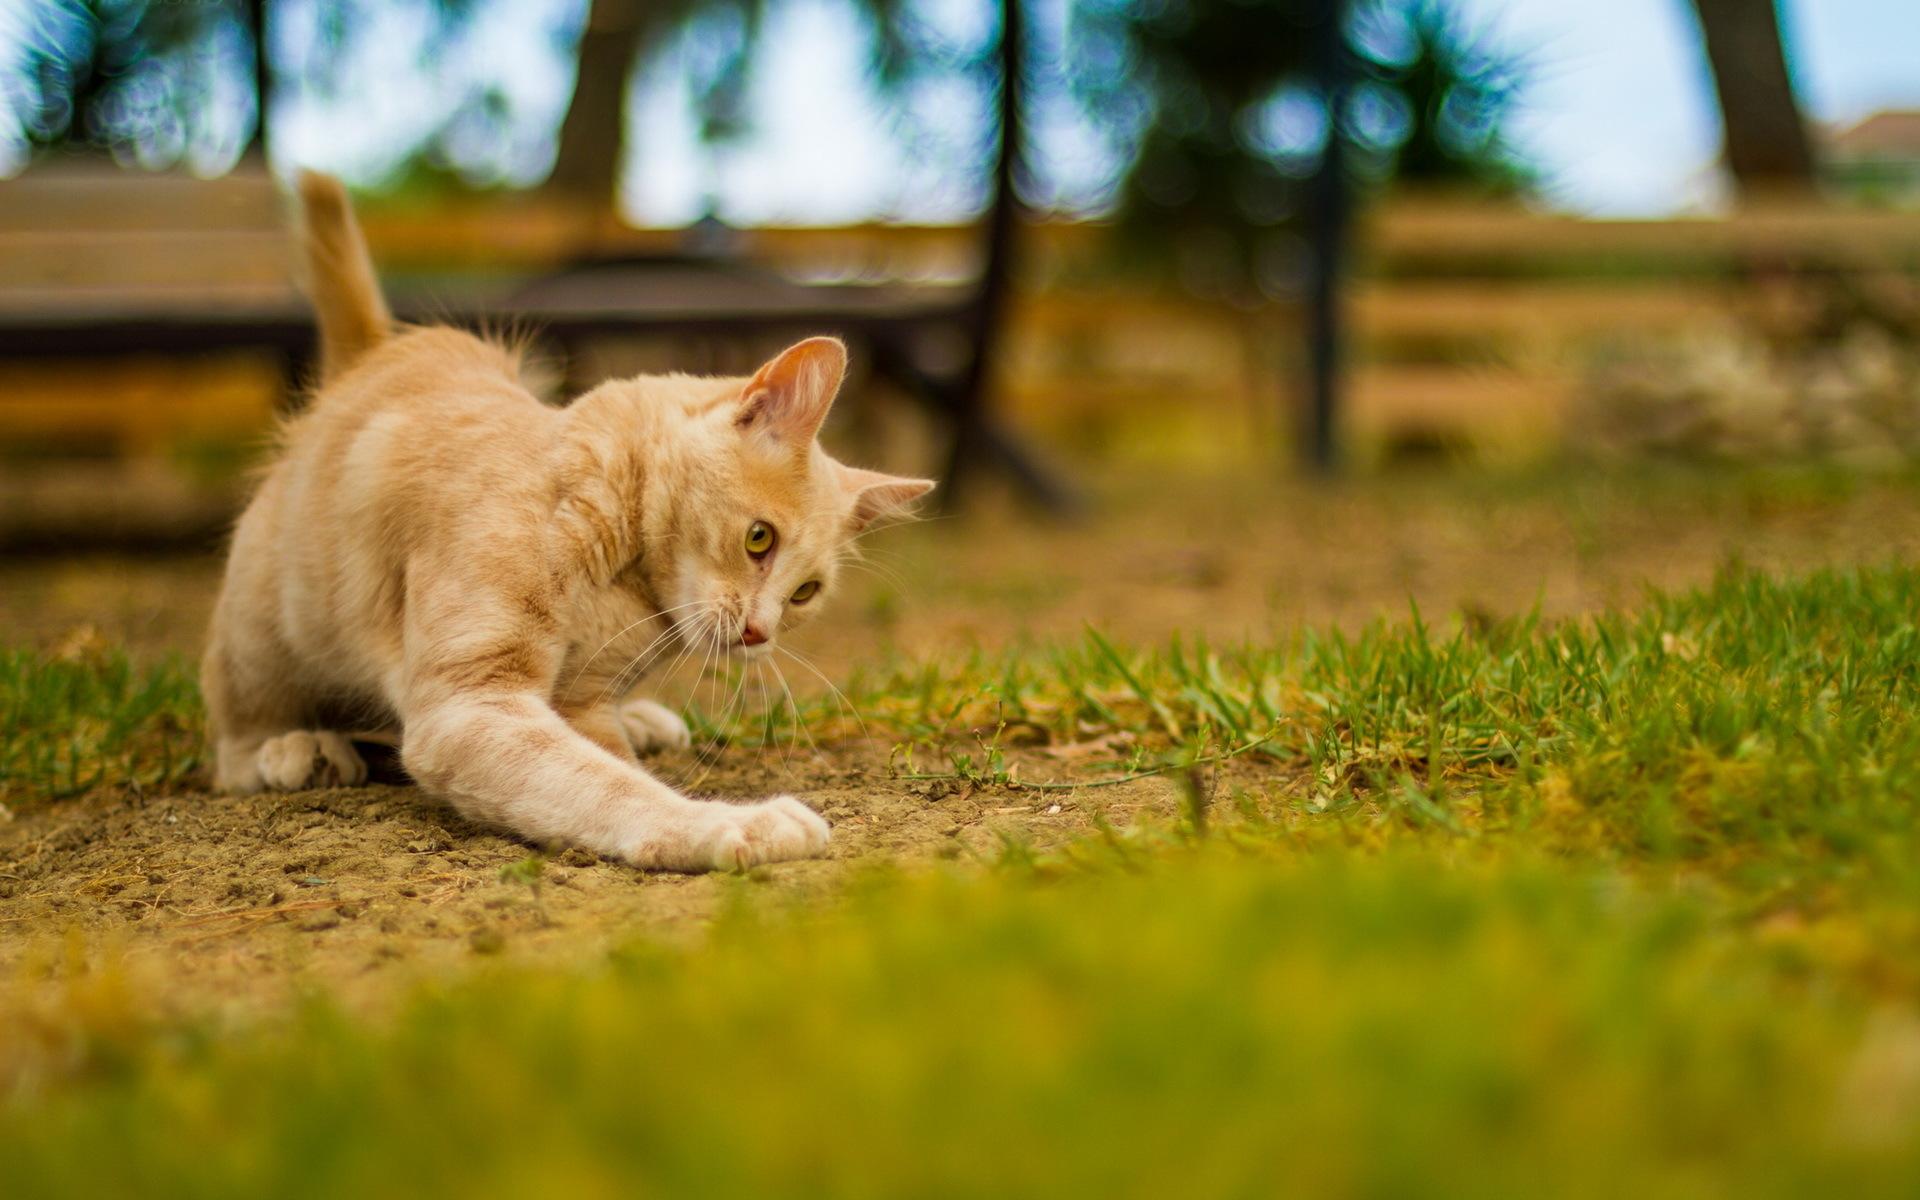 Котенок играющий с кошкой в траве  № 1994952 бесплатно